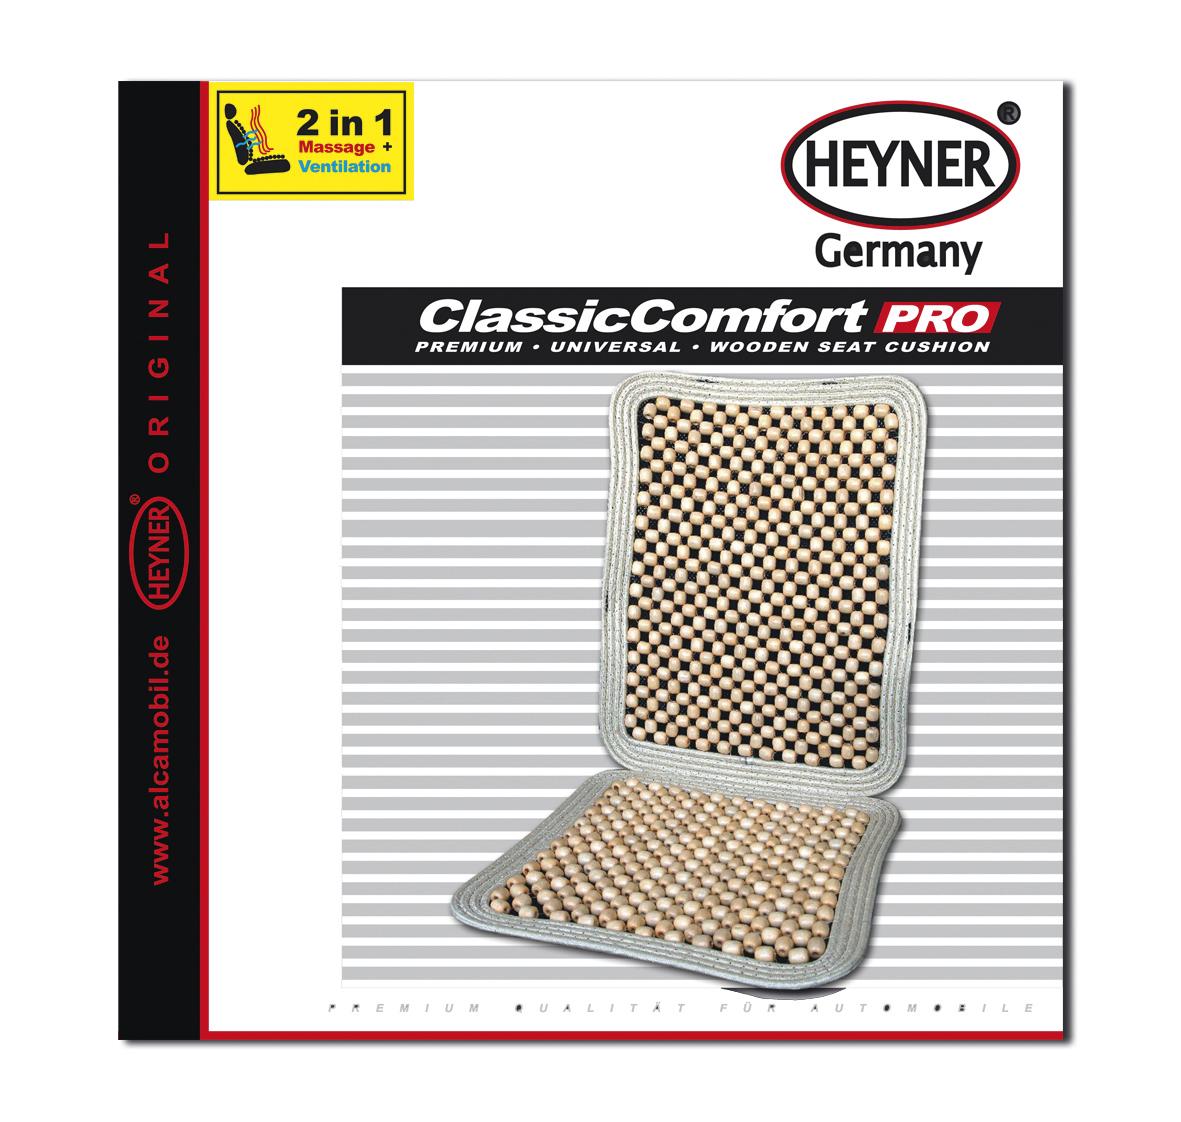 Накидка-массажер на сиденье Heyner, деревянные шарики, сиденье 38 х 38 см, спинка 50 х 38 смVT-1520(SR)Накидка Heyner обеспечивает массаж и охлаждение для водителя и пассажиров посредством деревянных шариков. Быстро и просто устанавливается на все типы автомобильных сидений.Размер сиденья: 38 х 38 см.Размер спинки: 50 х 38 см.